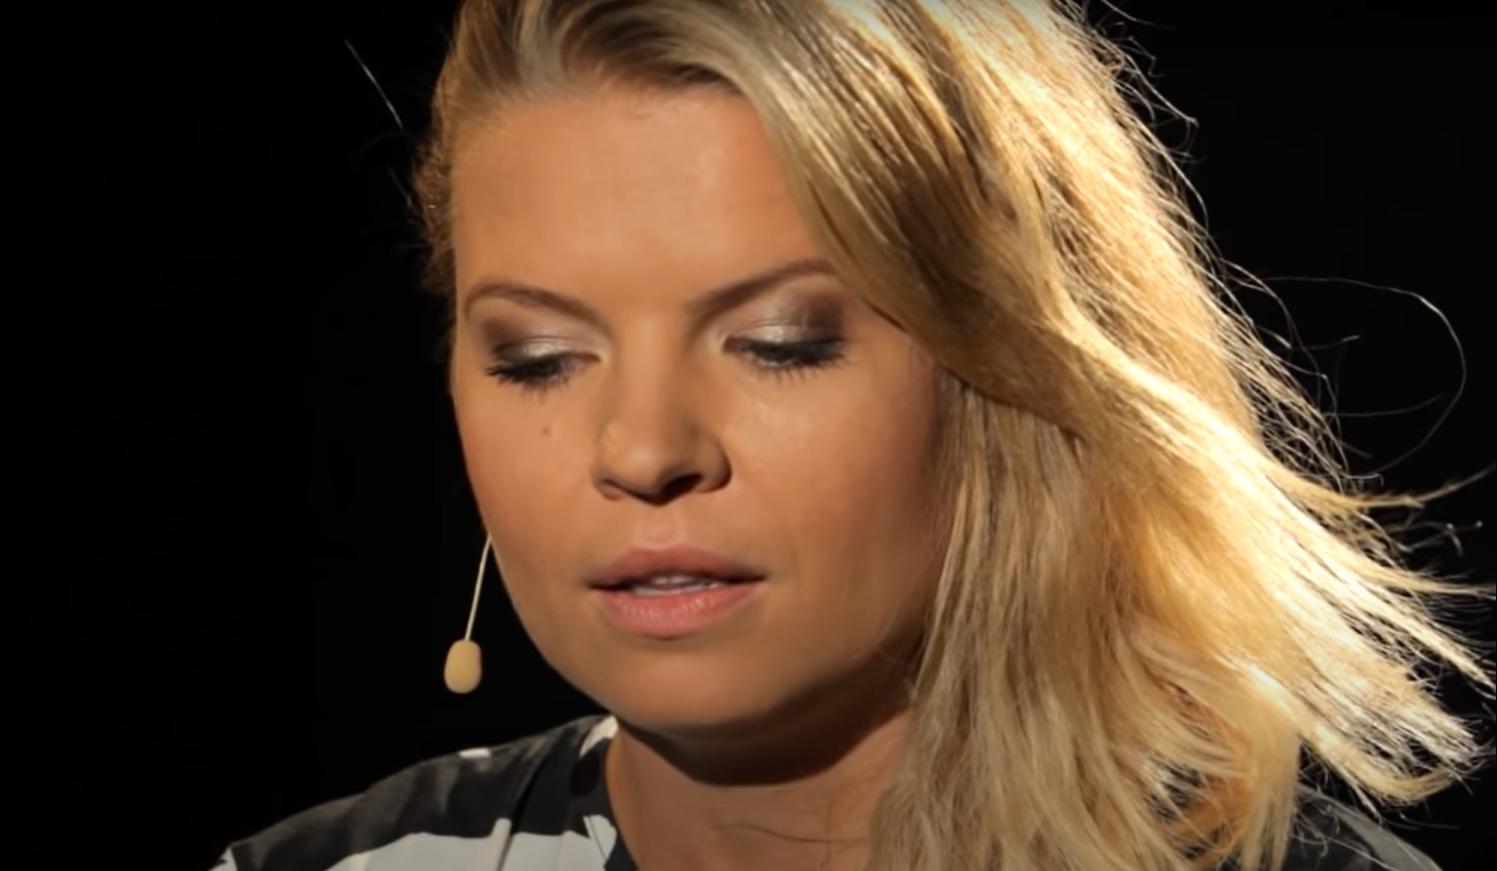 Gwiazda TVP, Marta Manowska została przyłapana przez fotoreporterów na planie nowego sezonu Rolnik Szuka Żony, uwagę zwrócił jej brzuch czyżby była w ciąży?